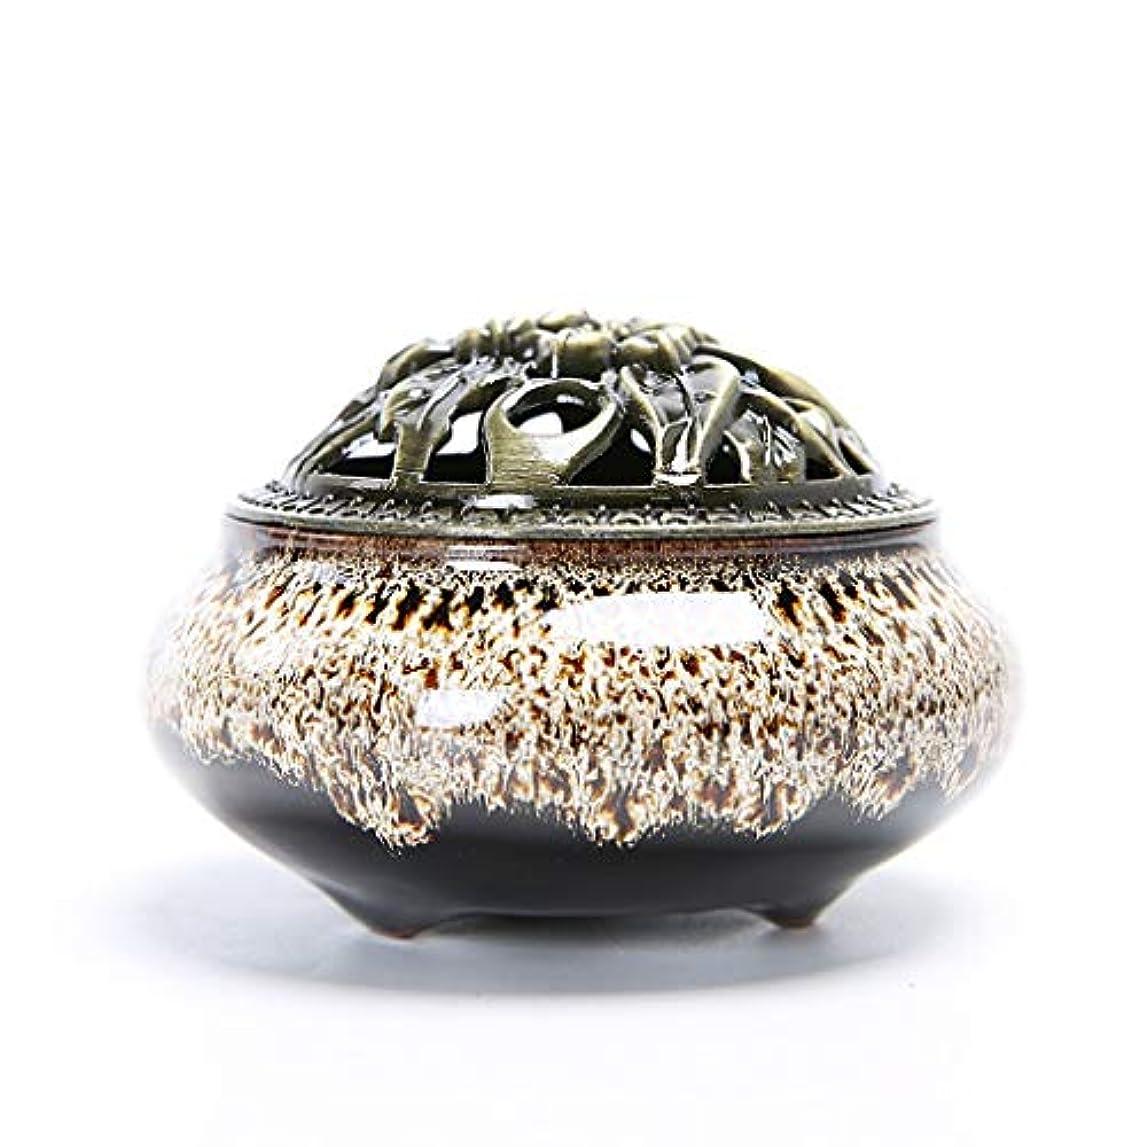 出来事グラス創始者クリエイティブセラミック香炉ホームルーム香スティック/コーン/コイルバーナーホルダー灰キャッチャーホーム仏教の装飾香ホルダー (Color : White, サイズ : 3.93*2.83inchs)